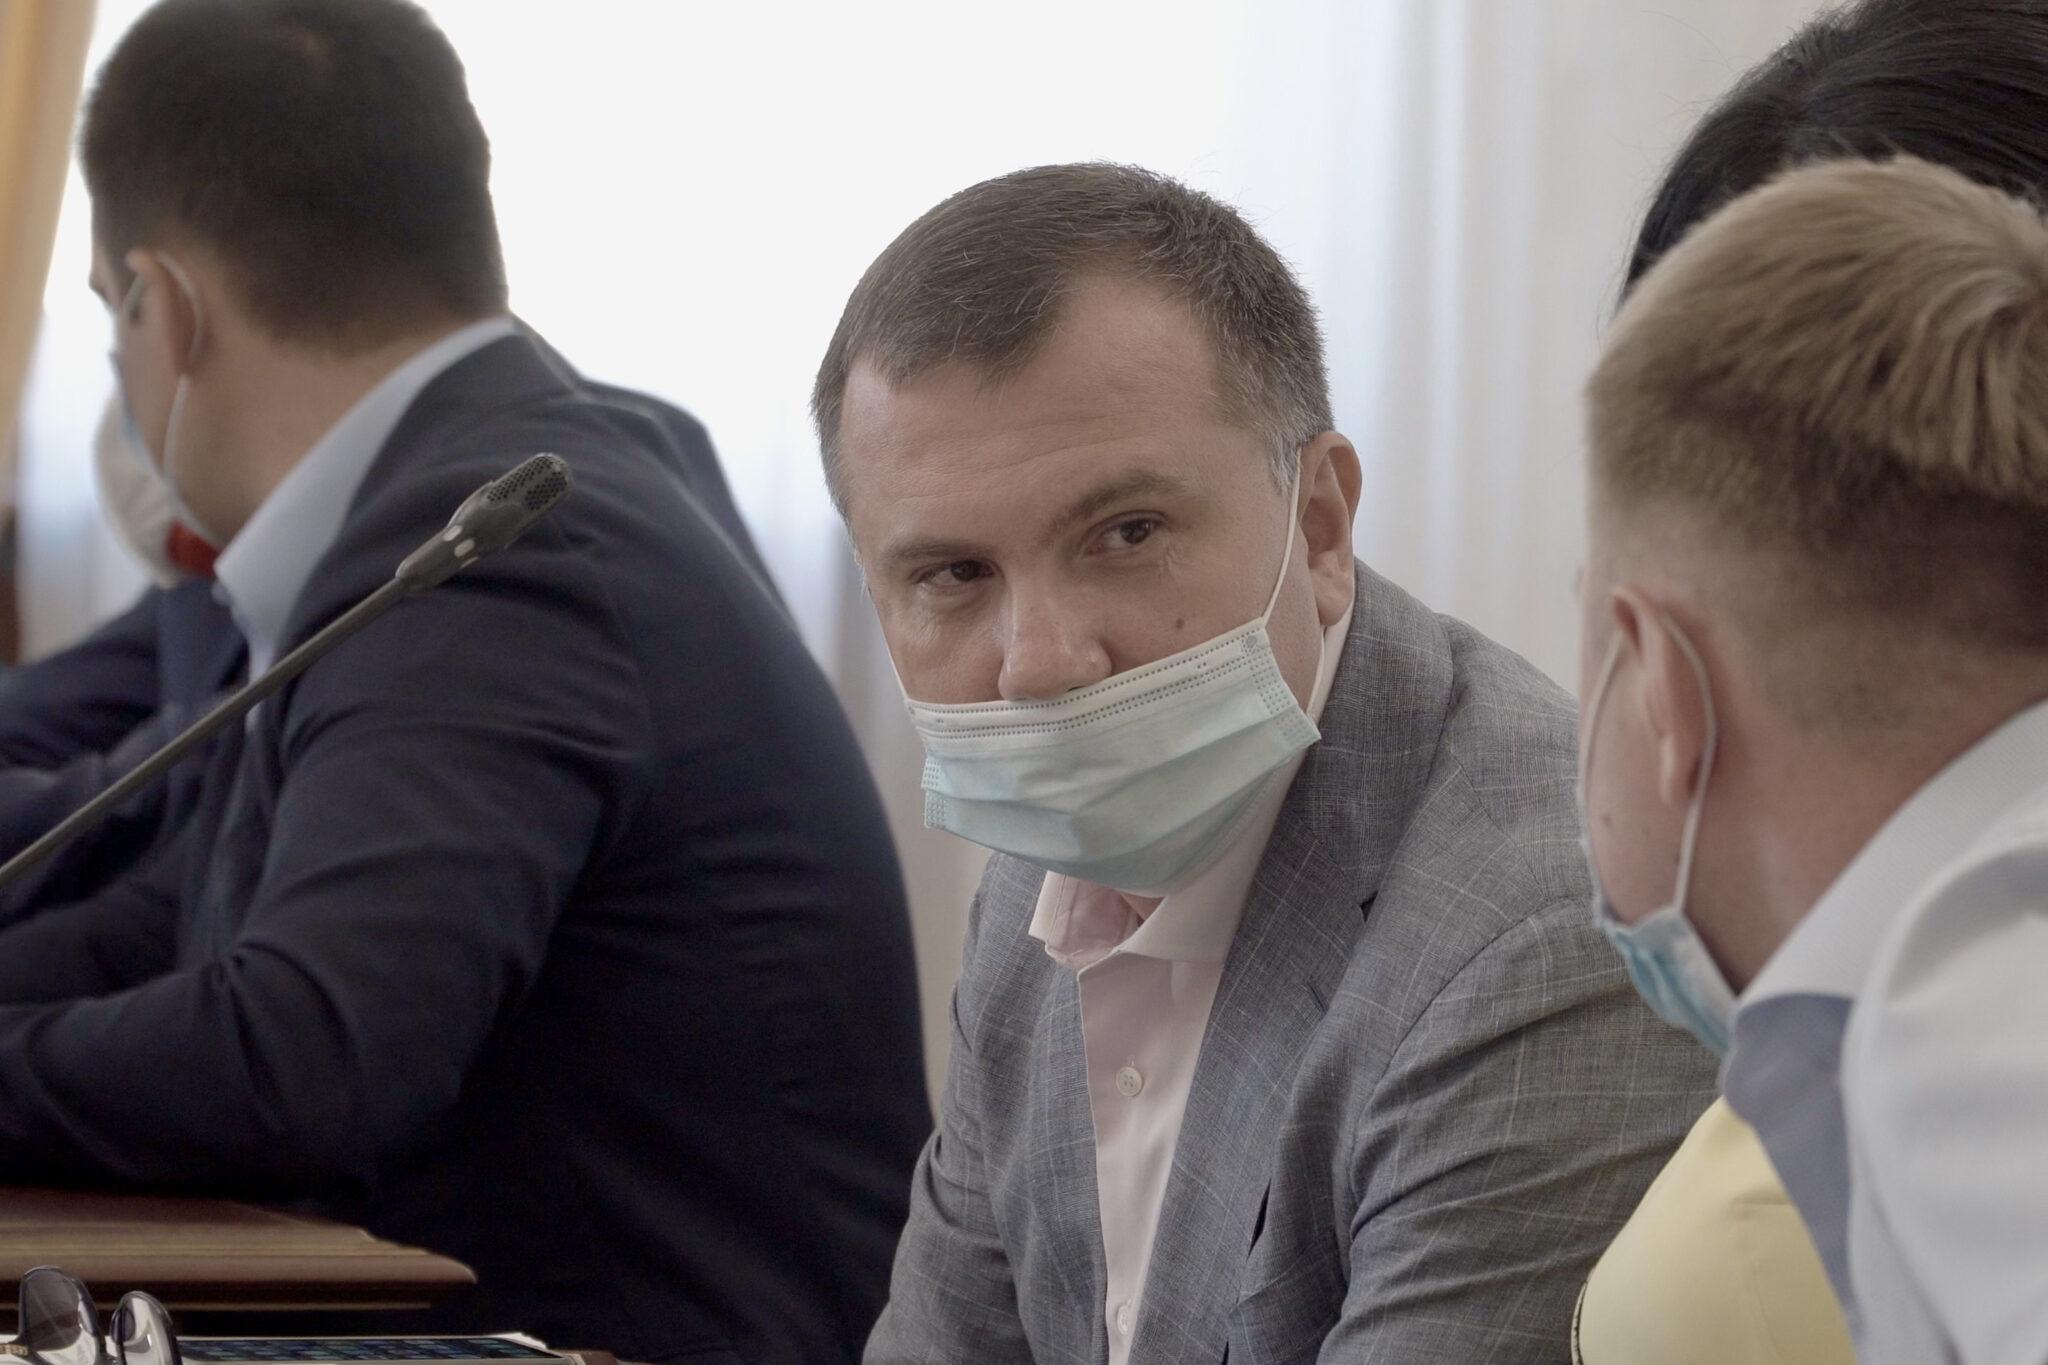 Top-https://www.slidstvo.info/news/antykoruptsijnyj-sud-ne-zahotiv-prymusovo-dostavyty-na-zasidannya-pidozryuvanyh-suddiv-oask-bo-ti-buly-v-maskah/